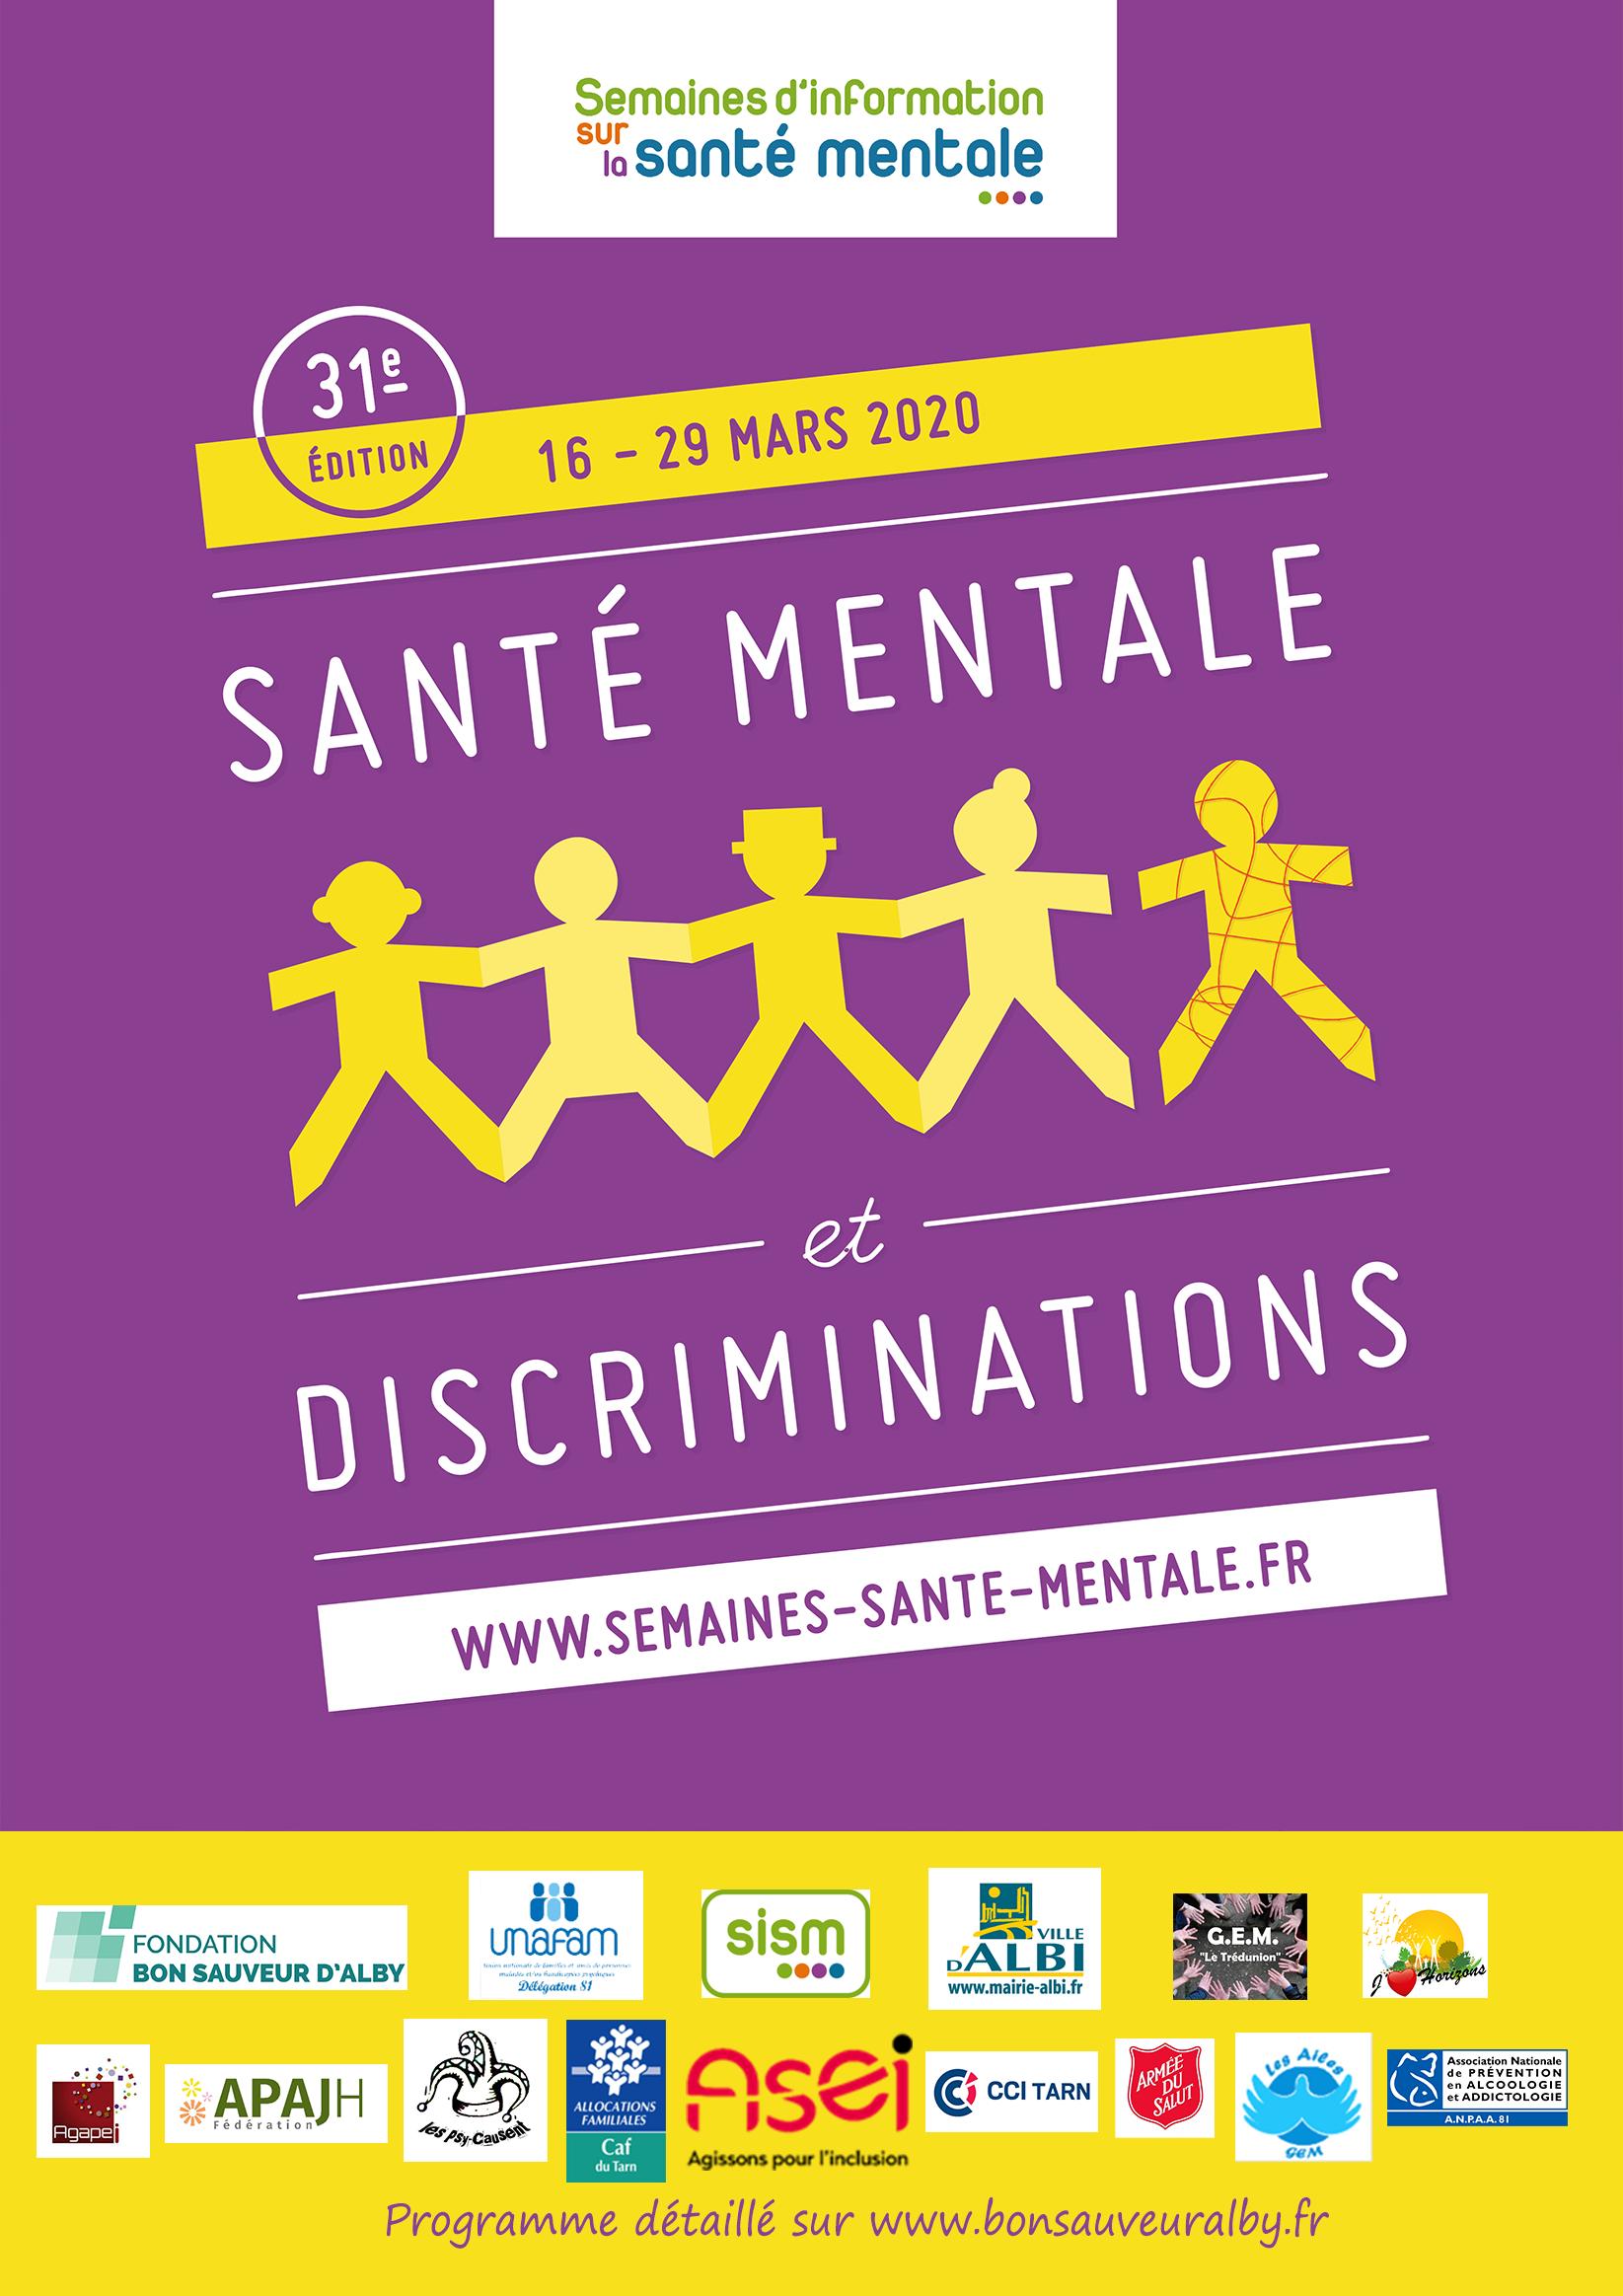 Affiche des Semaines d'Information sur la Santé Mentale 2020